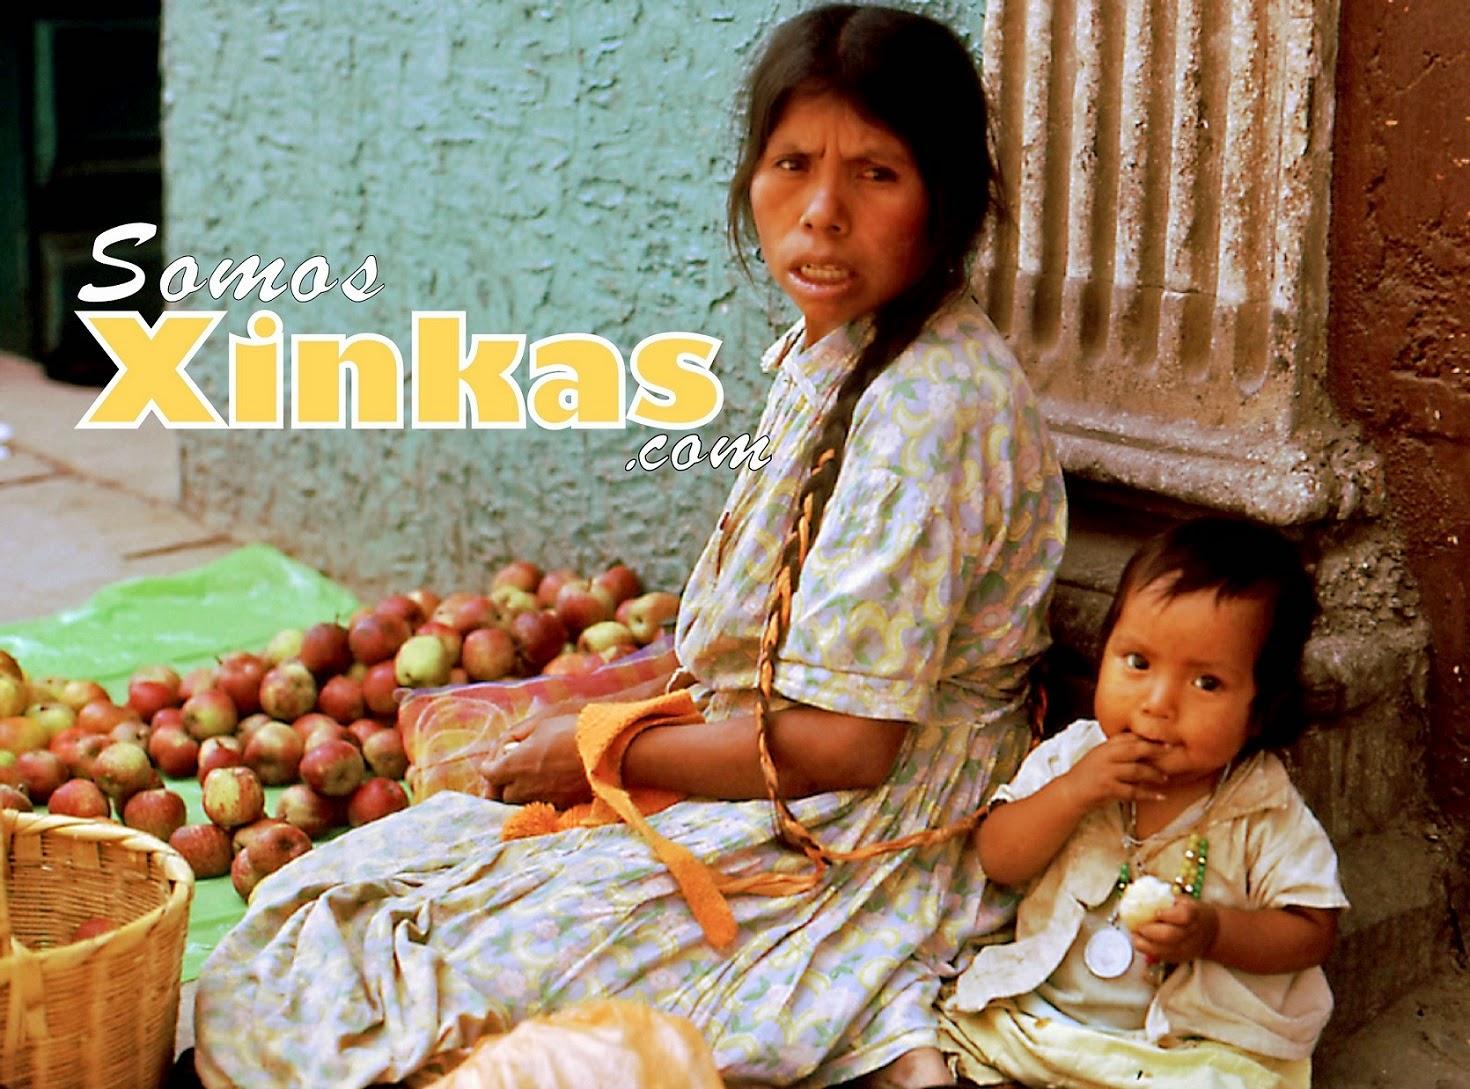 somosxinkas.com